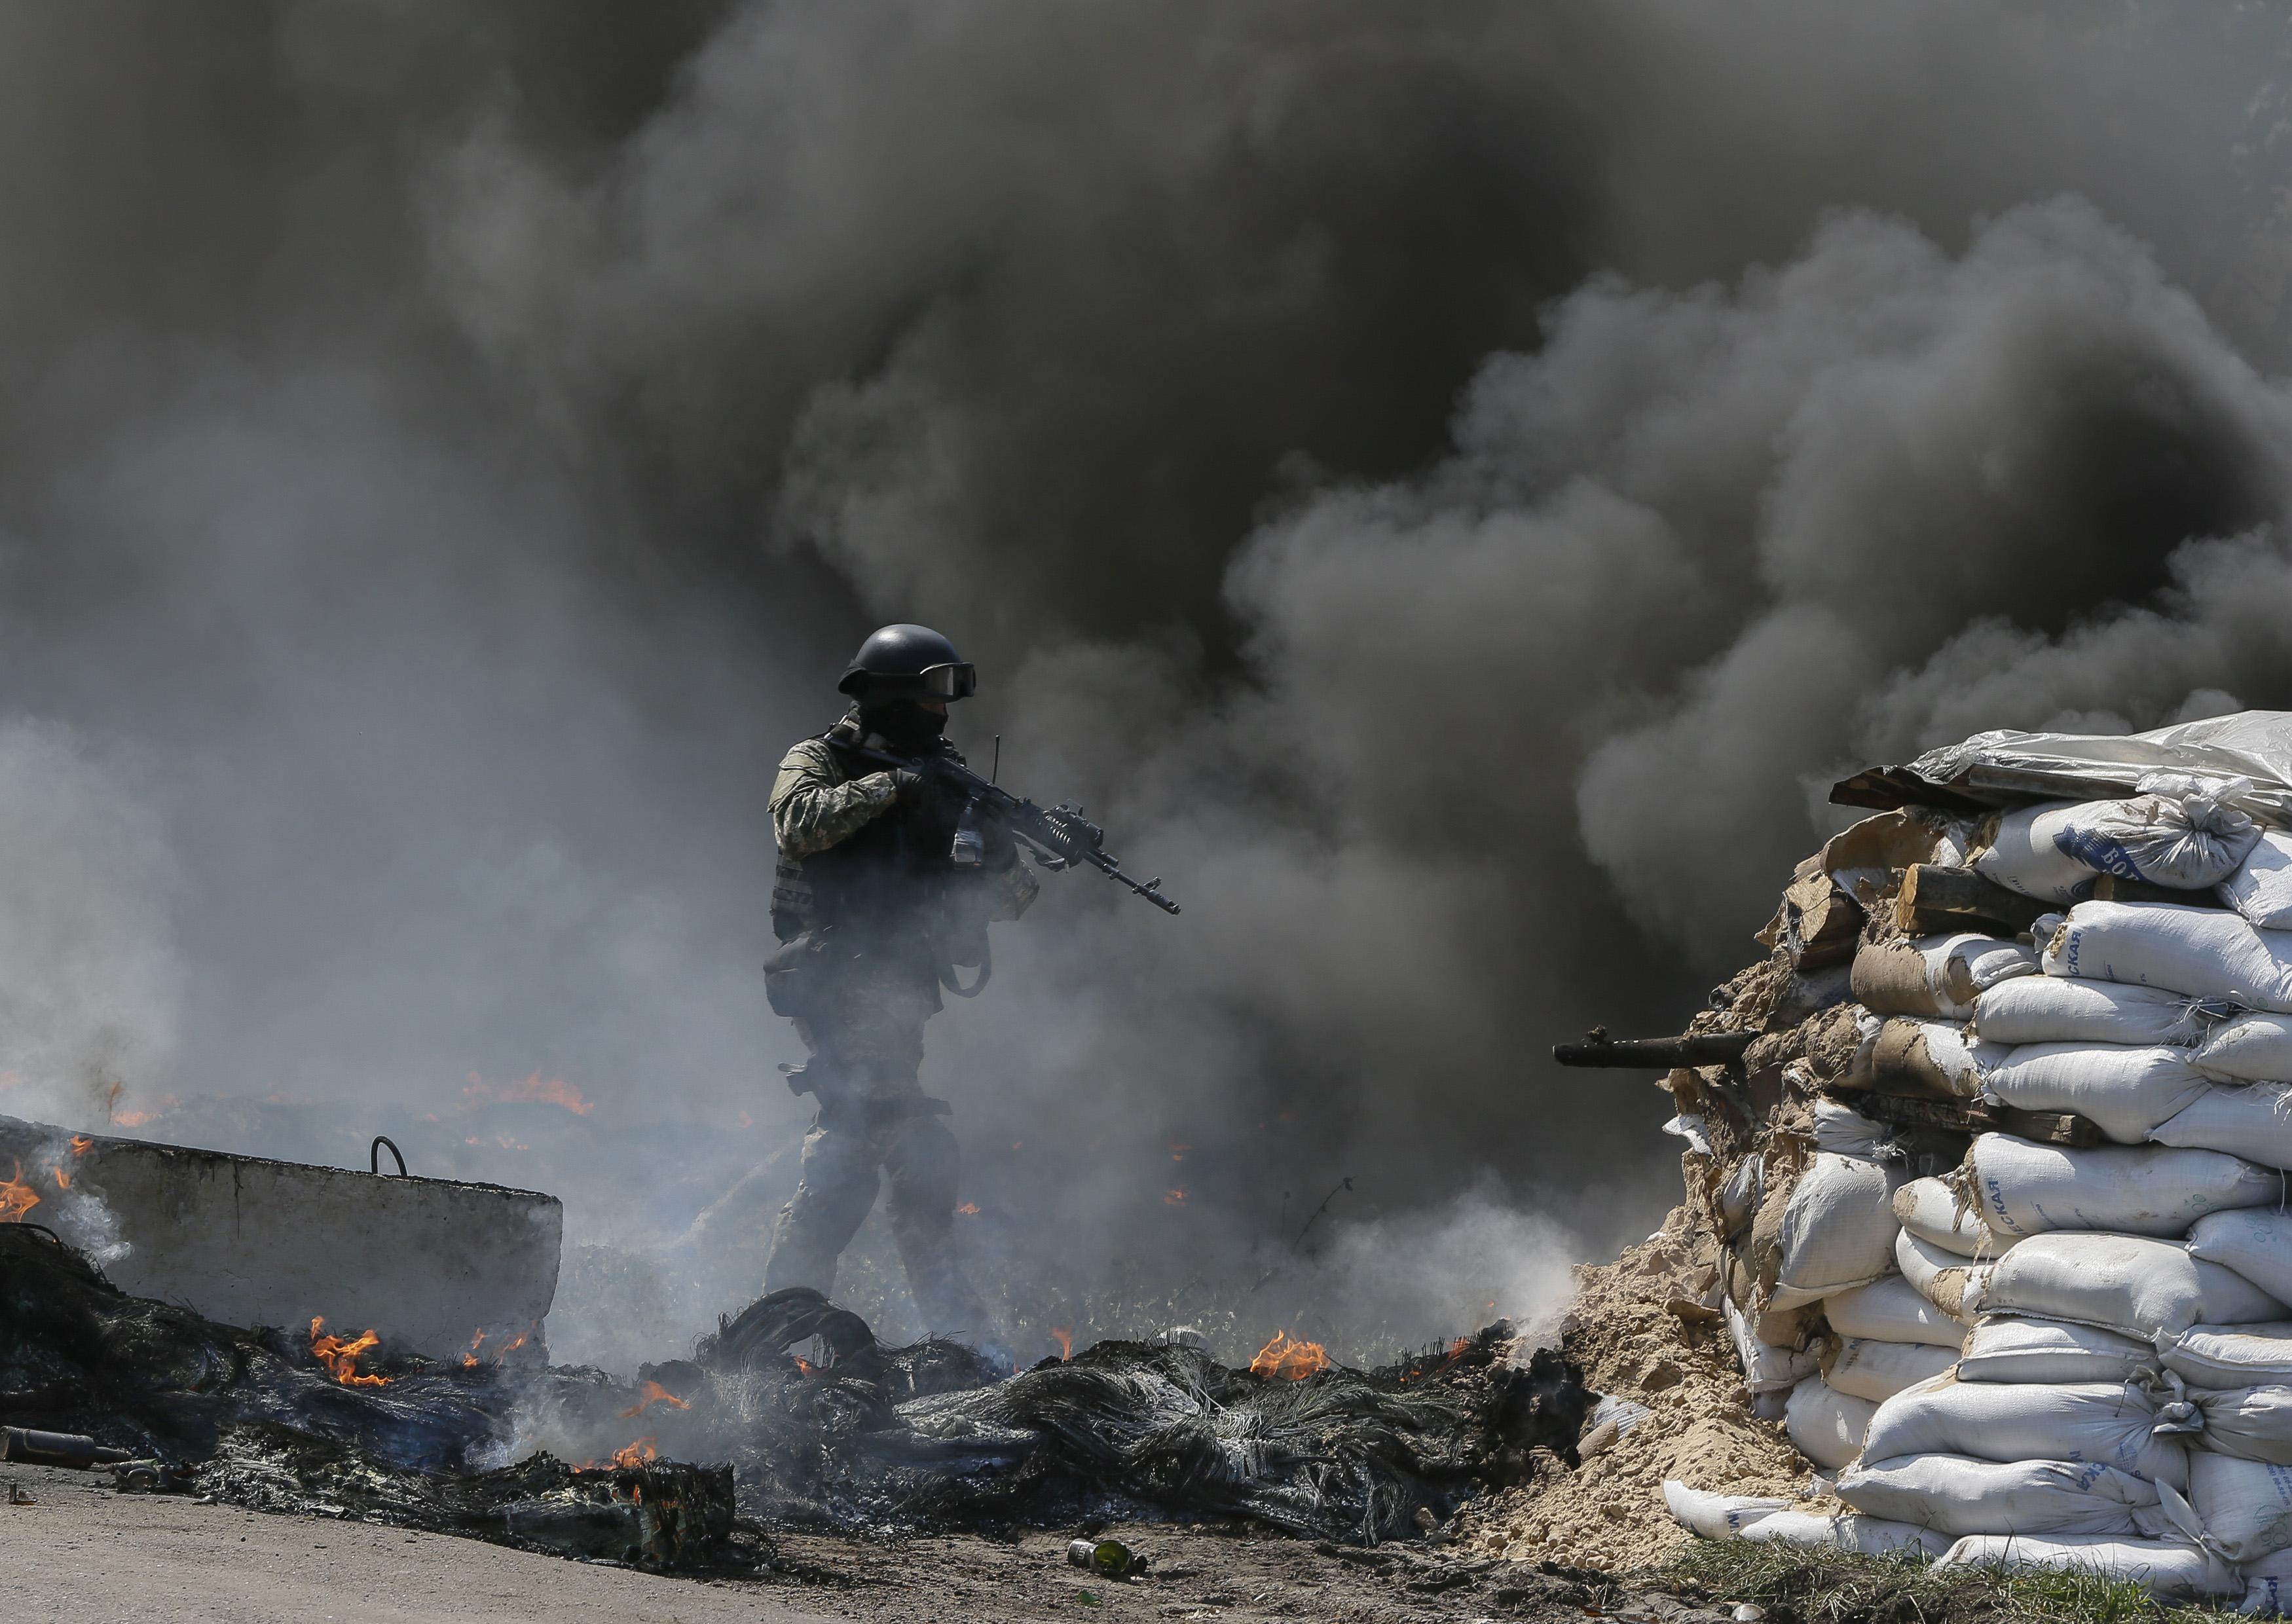 фото военных действий на востоке украины снимке наталья